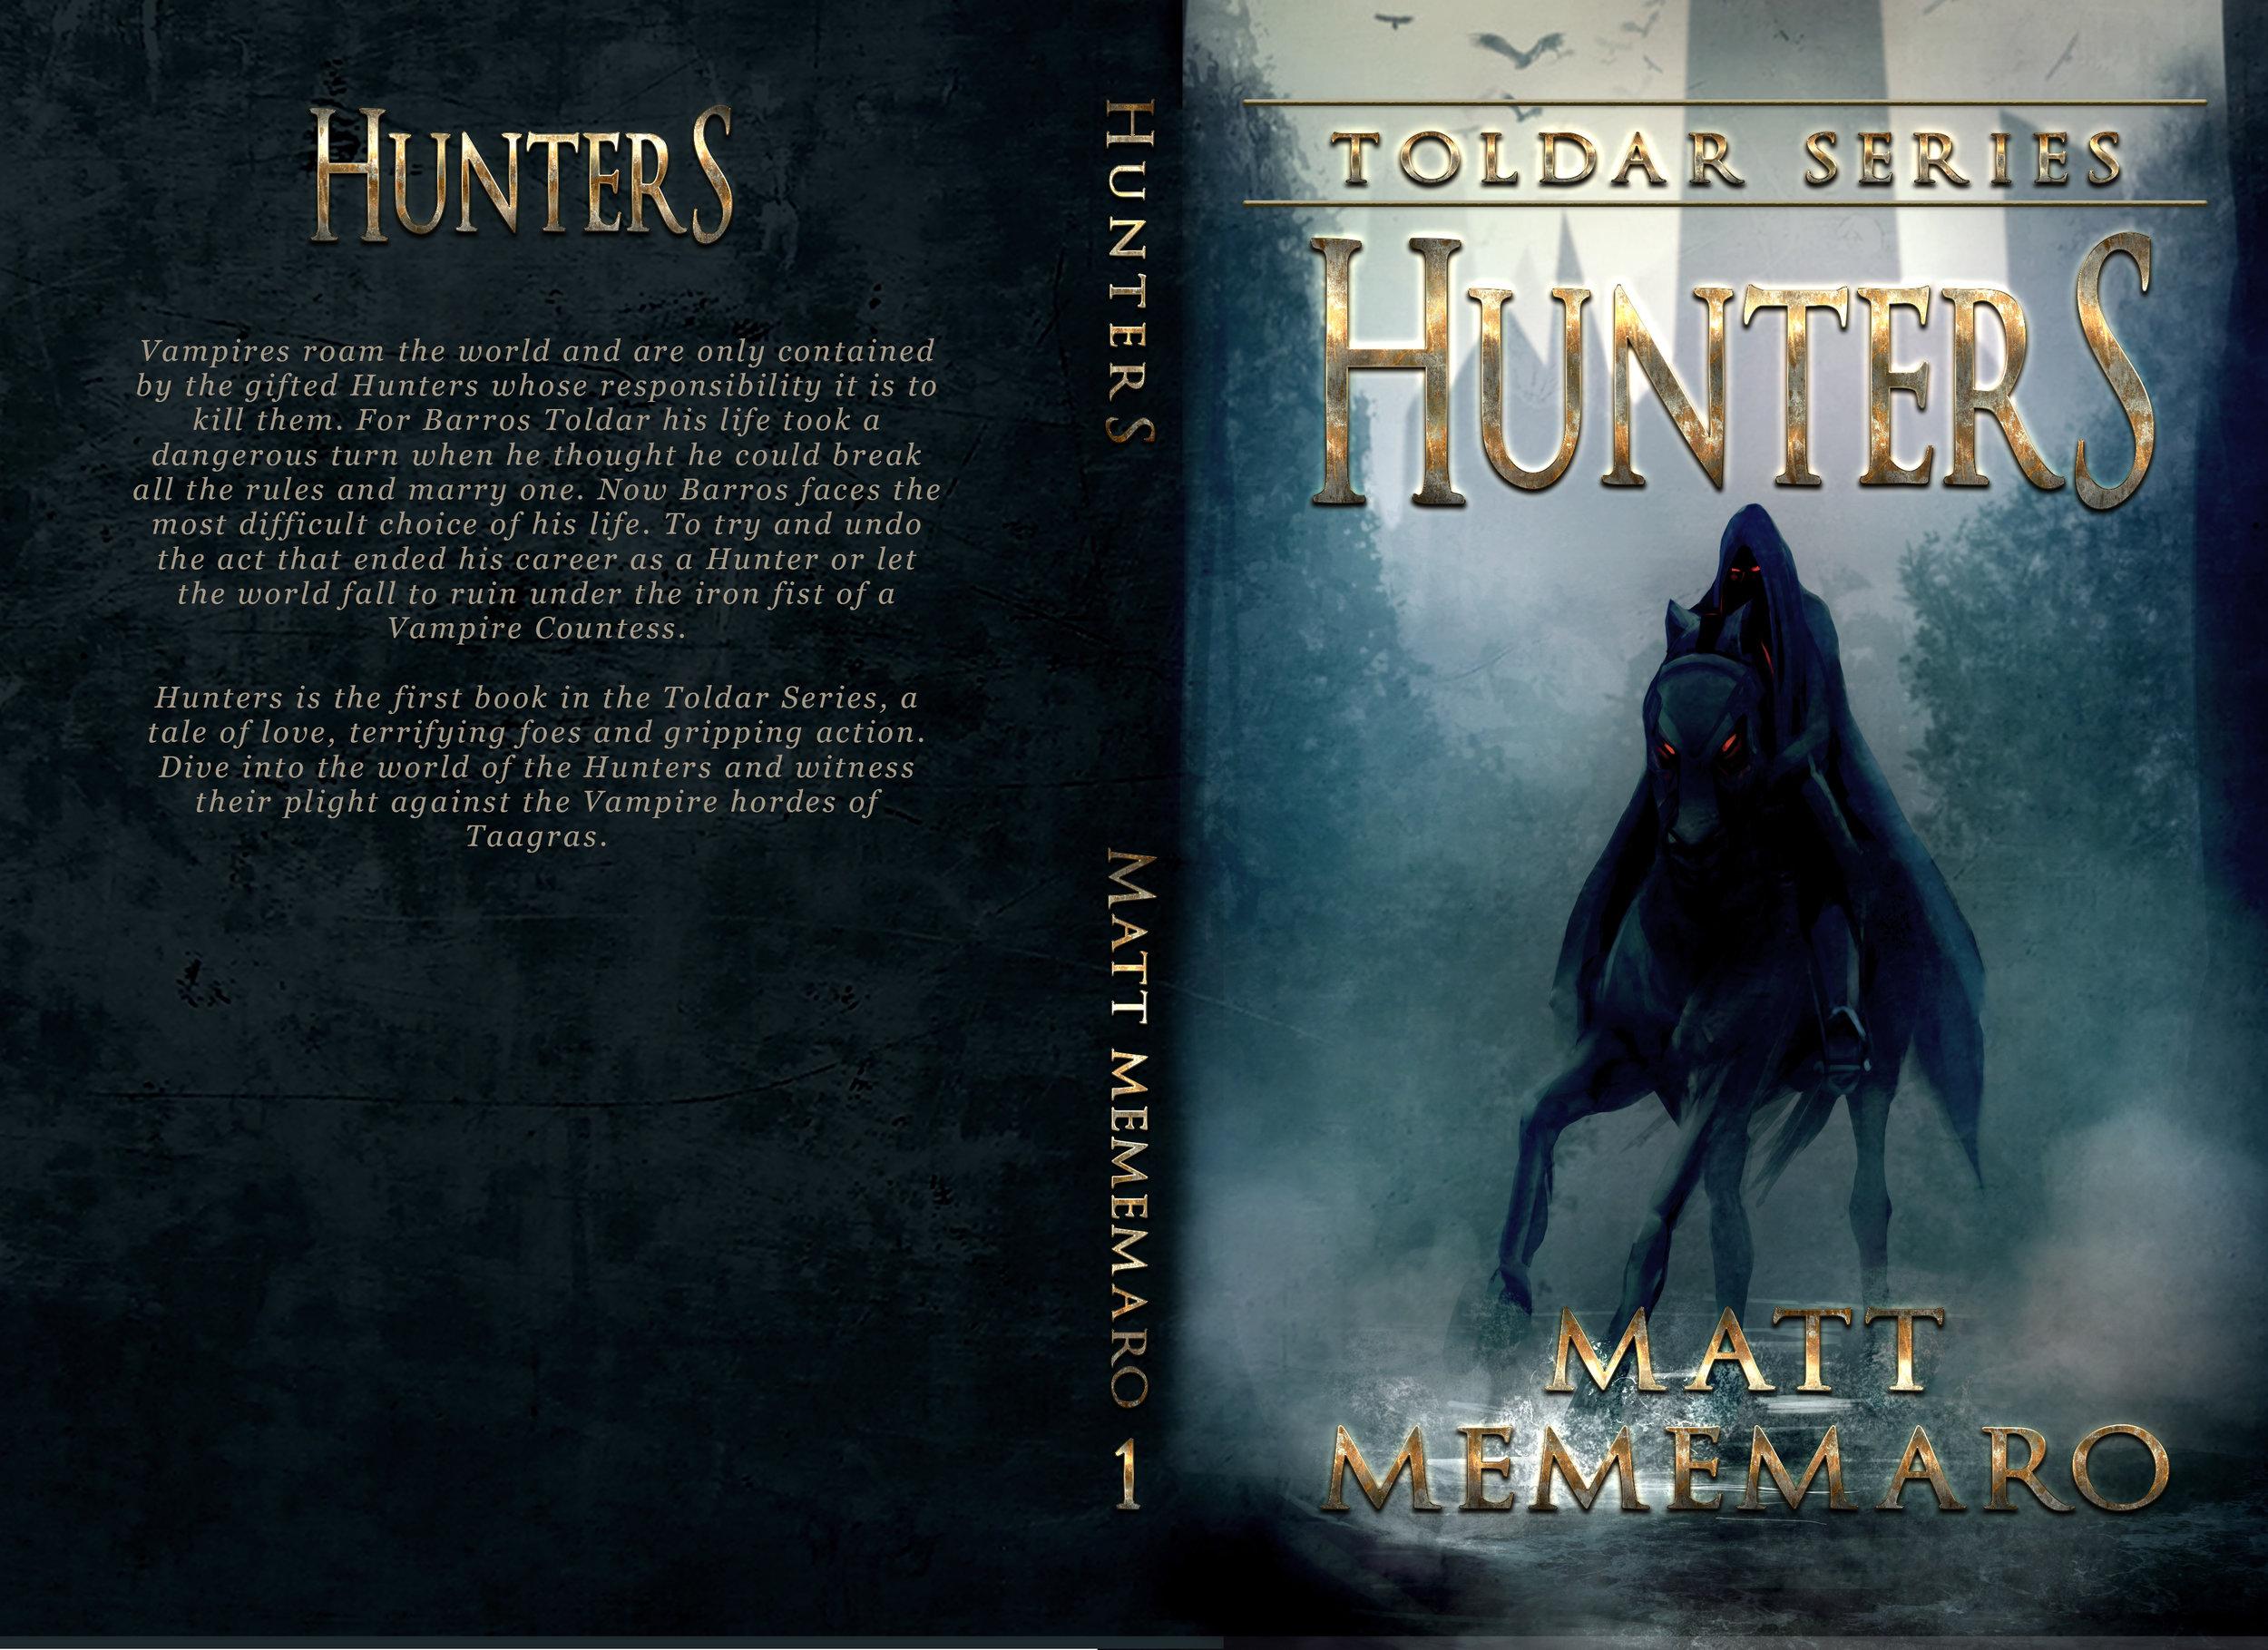 Toldar series paperback bk 1.jpg